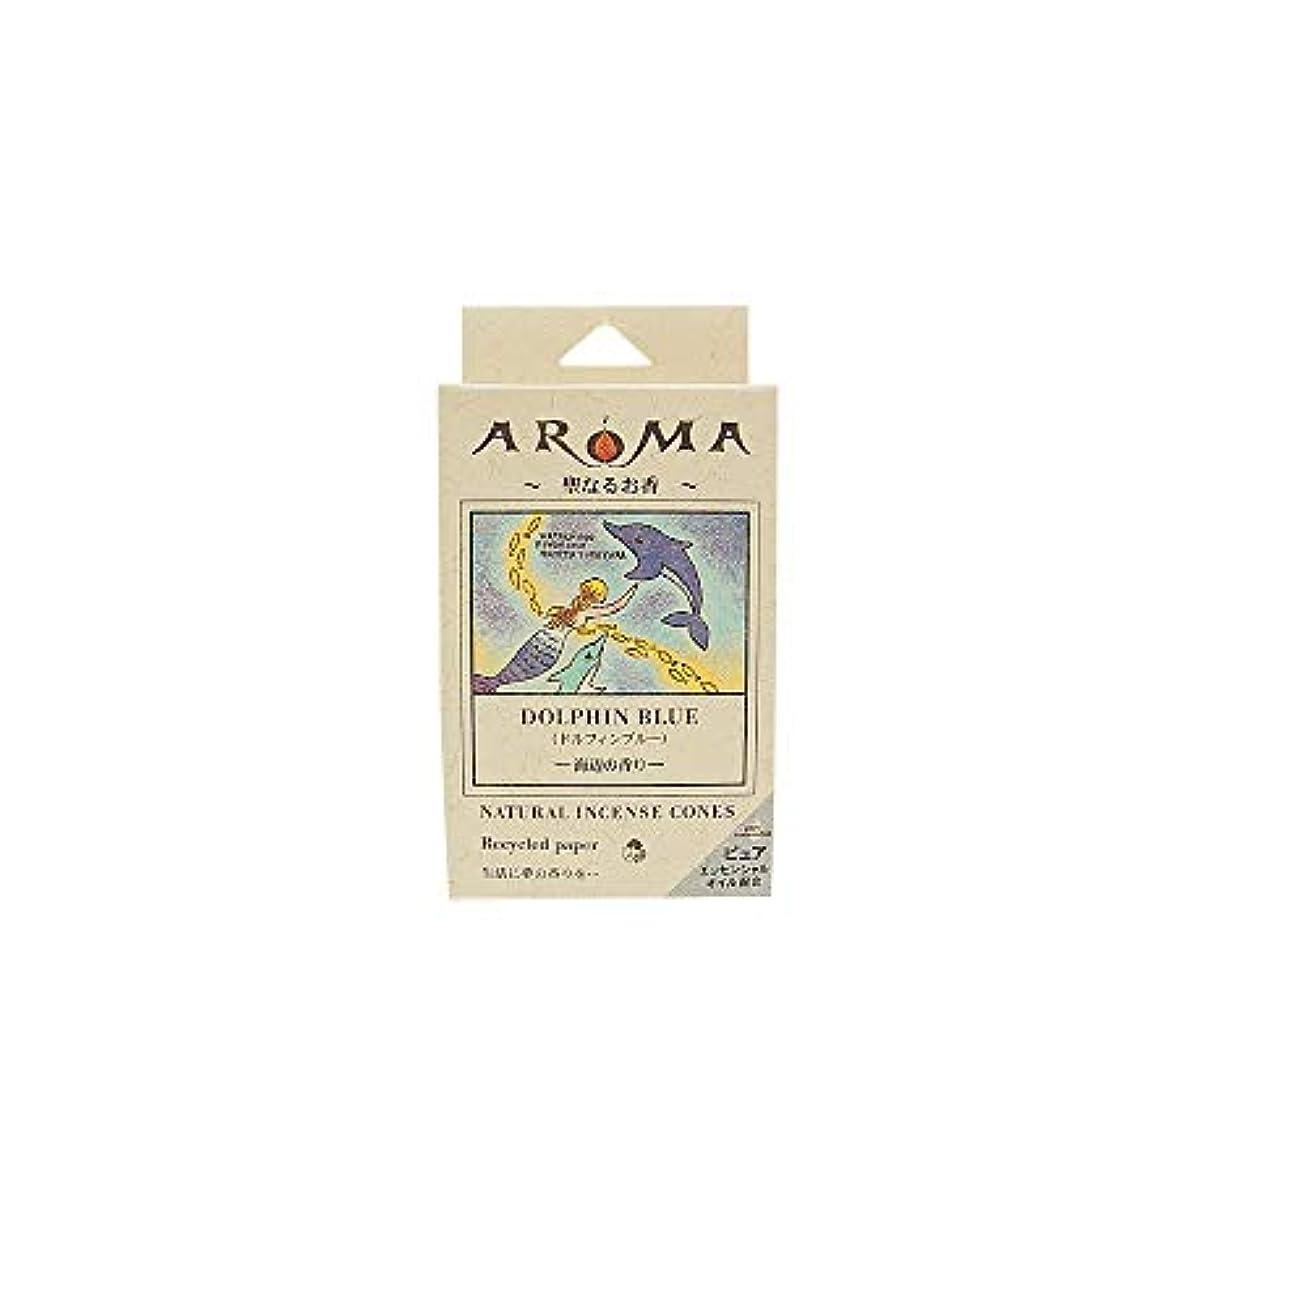 承認トースト面積アロマ香 ドルフィンブルー 16粒(コーンタイプインセンス 1粒の燃焼時間約20分 海辺の香り)